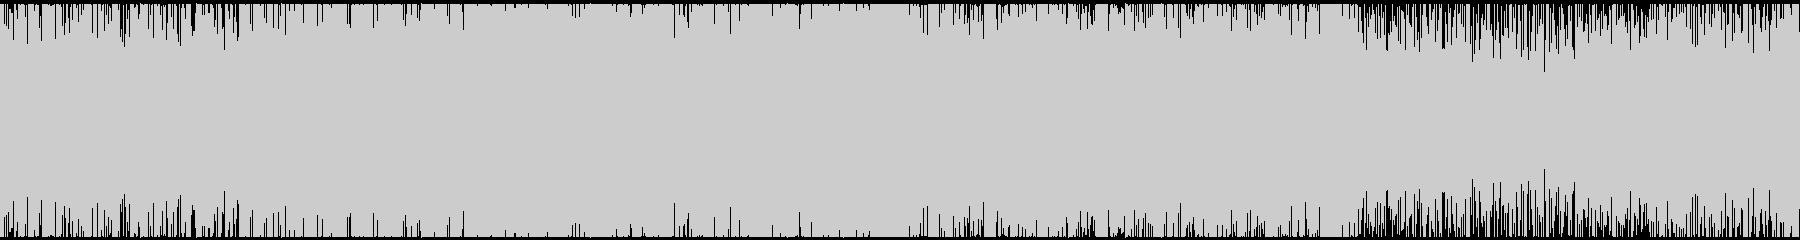 ダークなサスペンスシネマ風サウンドループの未再生の波形